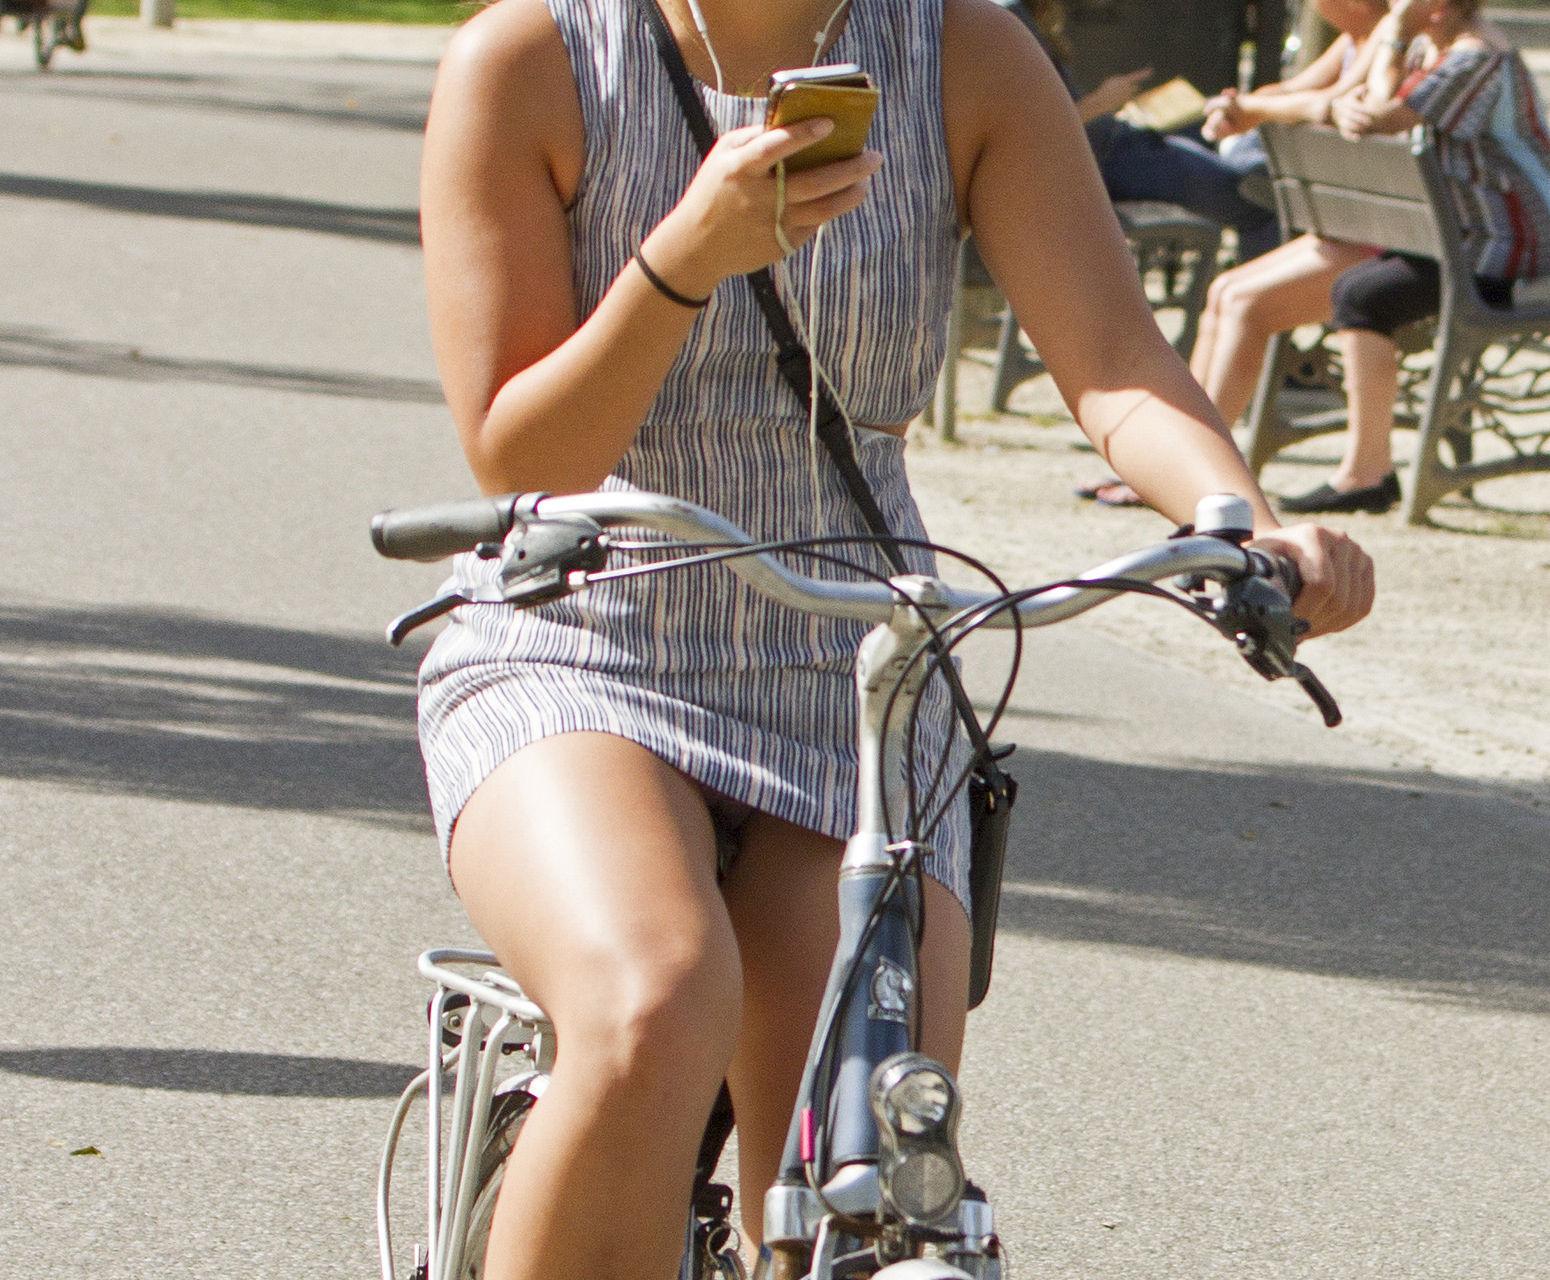 ミニスカ自転車まんさん、、きちんと心の準備をしていた。(画像)・26枚目